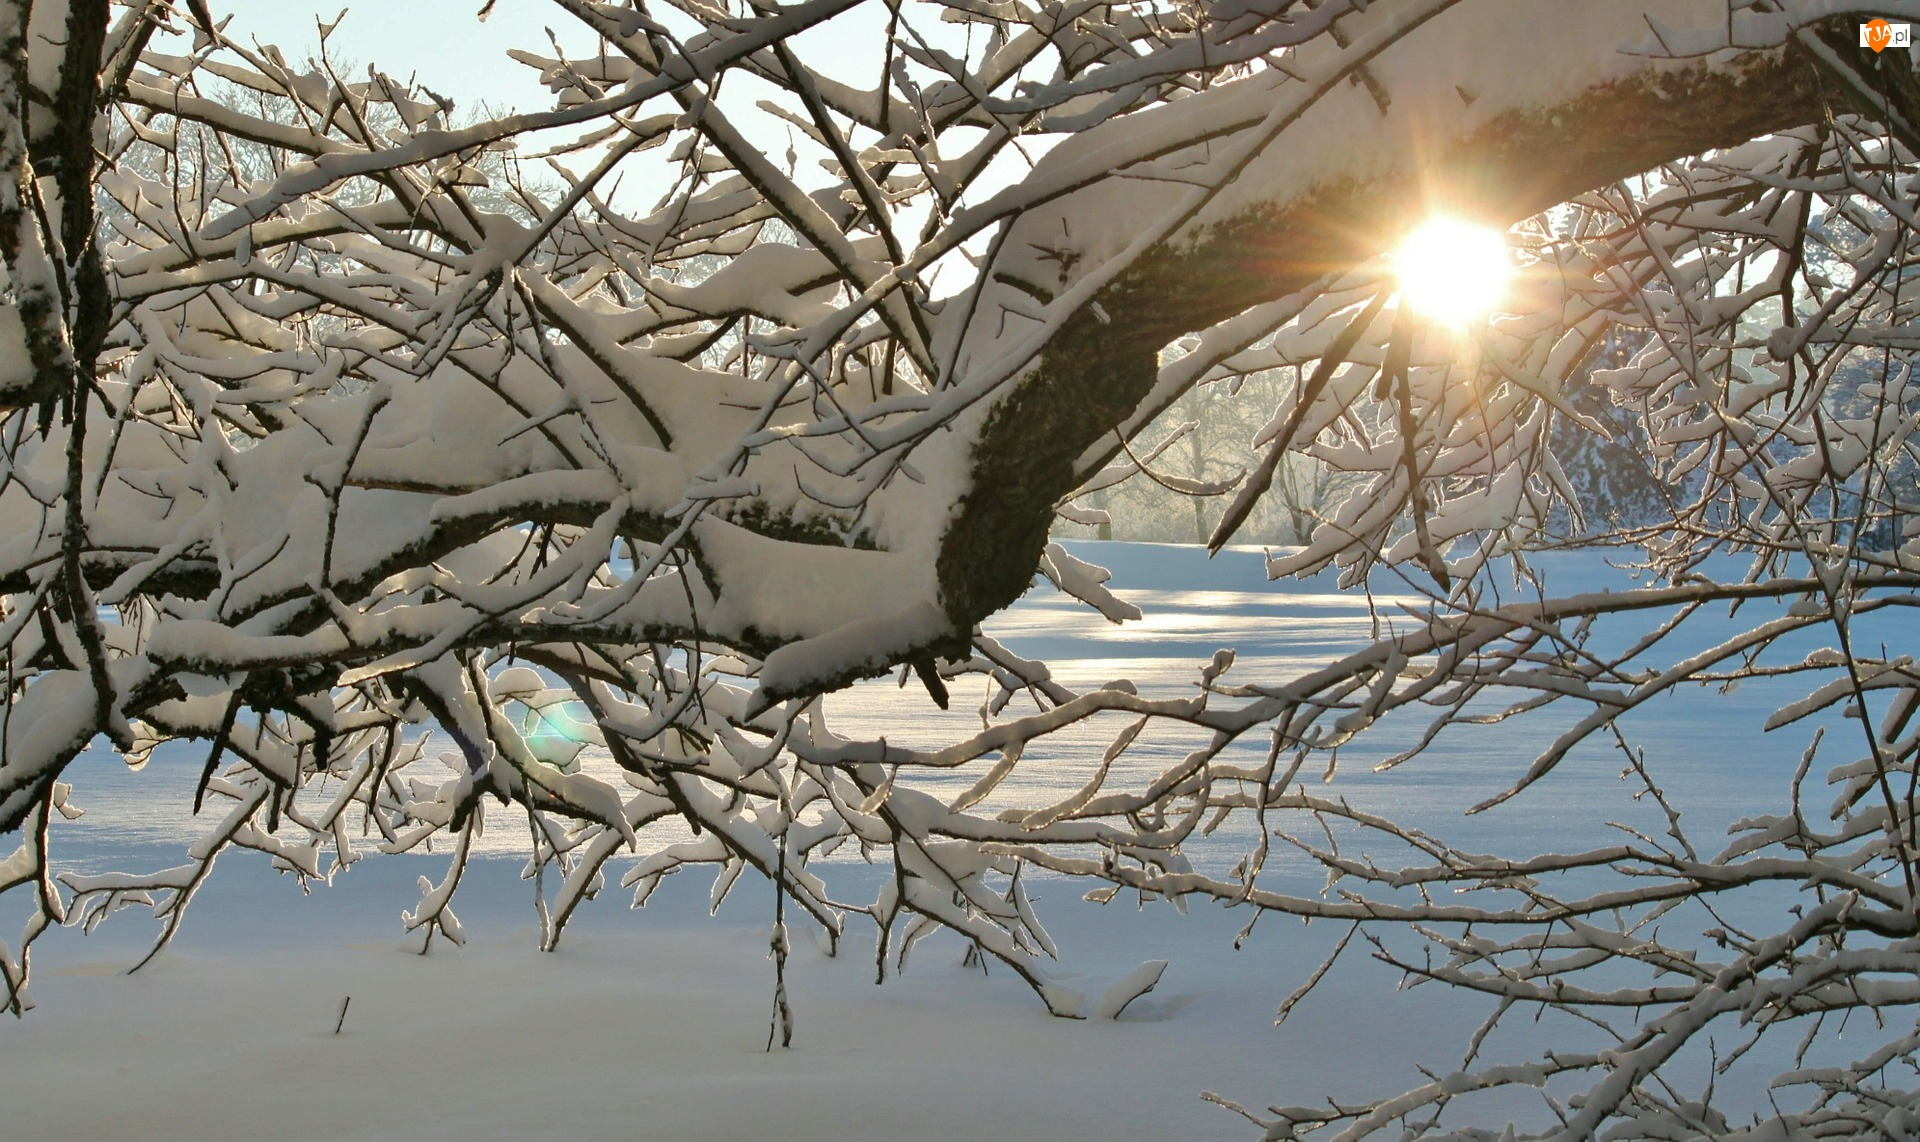 Śnieg, Zima, Słońce, Gałęzie, Drzewo, Ośnieżone